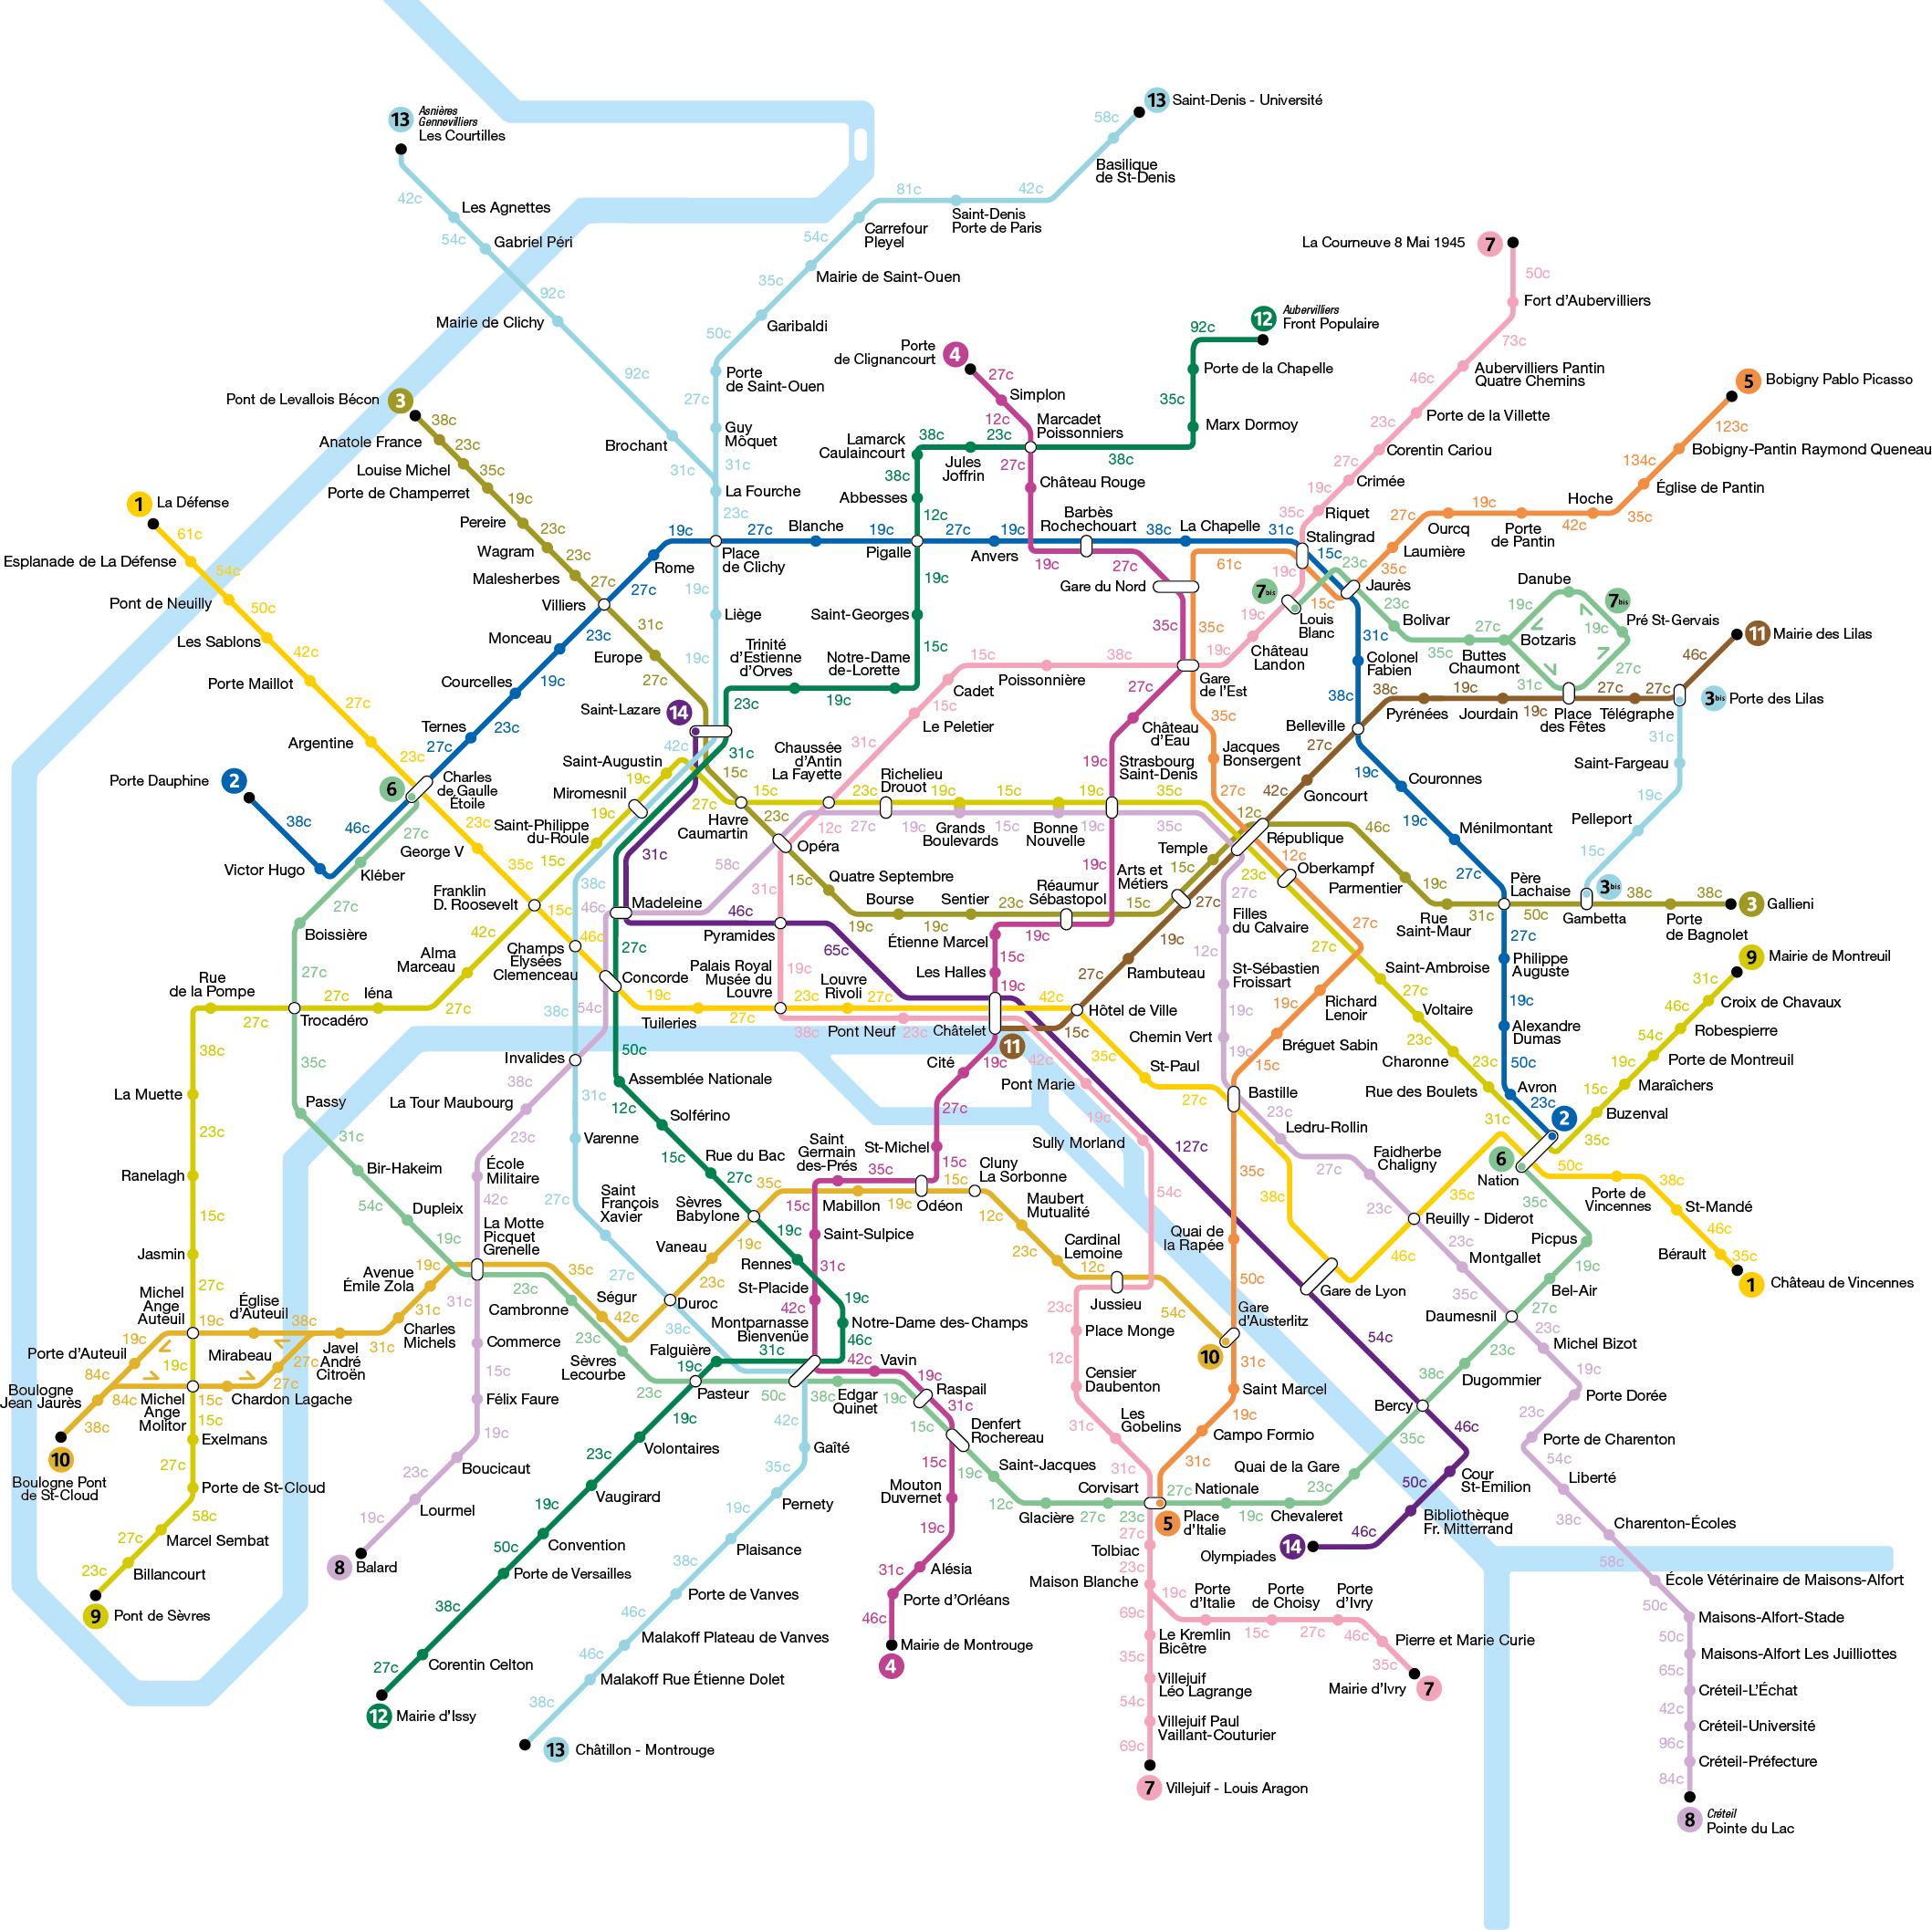 Greve La Carte Du Metro Parisien Des Calories Brulees